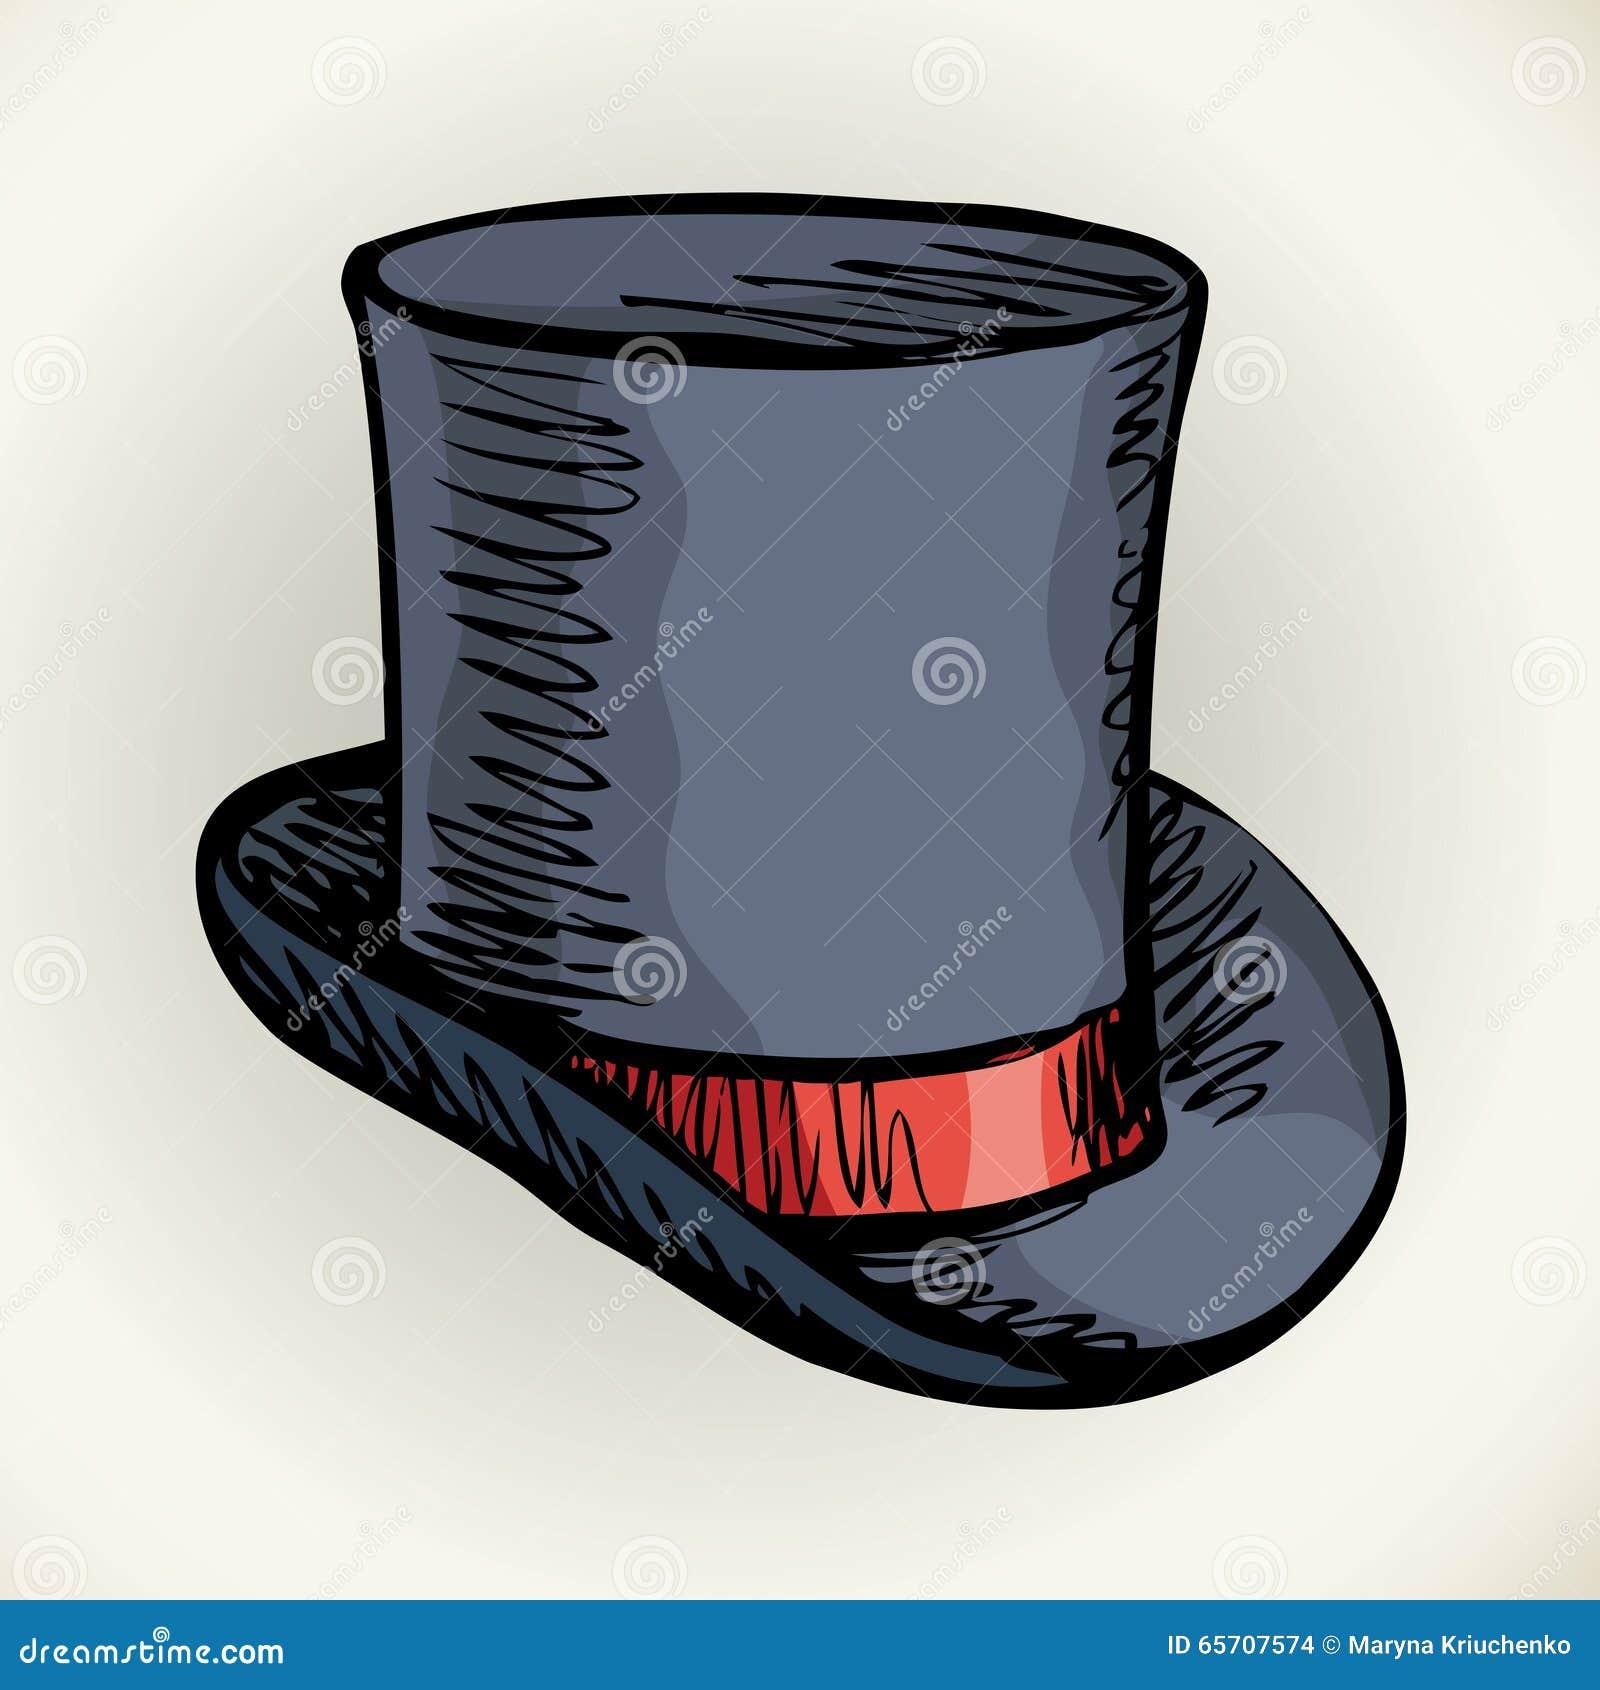 Cappello Del Cilindro Illustrazione Di Vettore Illustrazione ... 9e51c3d7bc4d